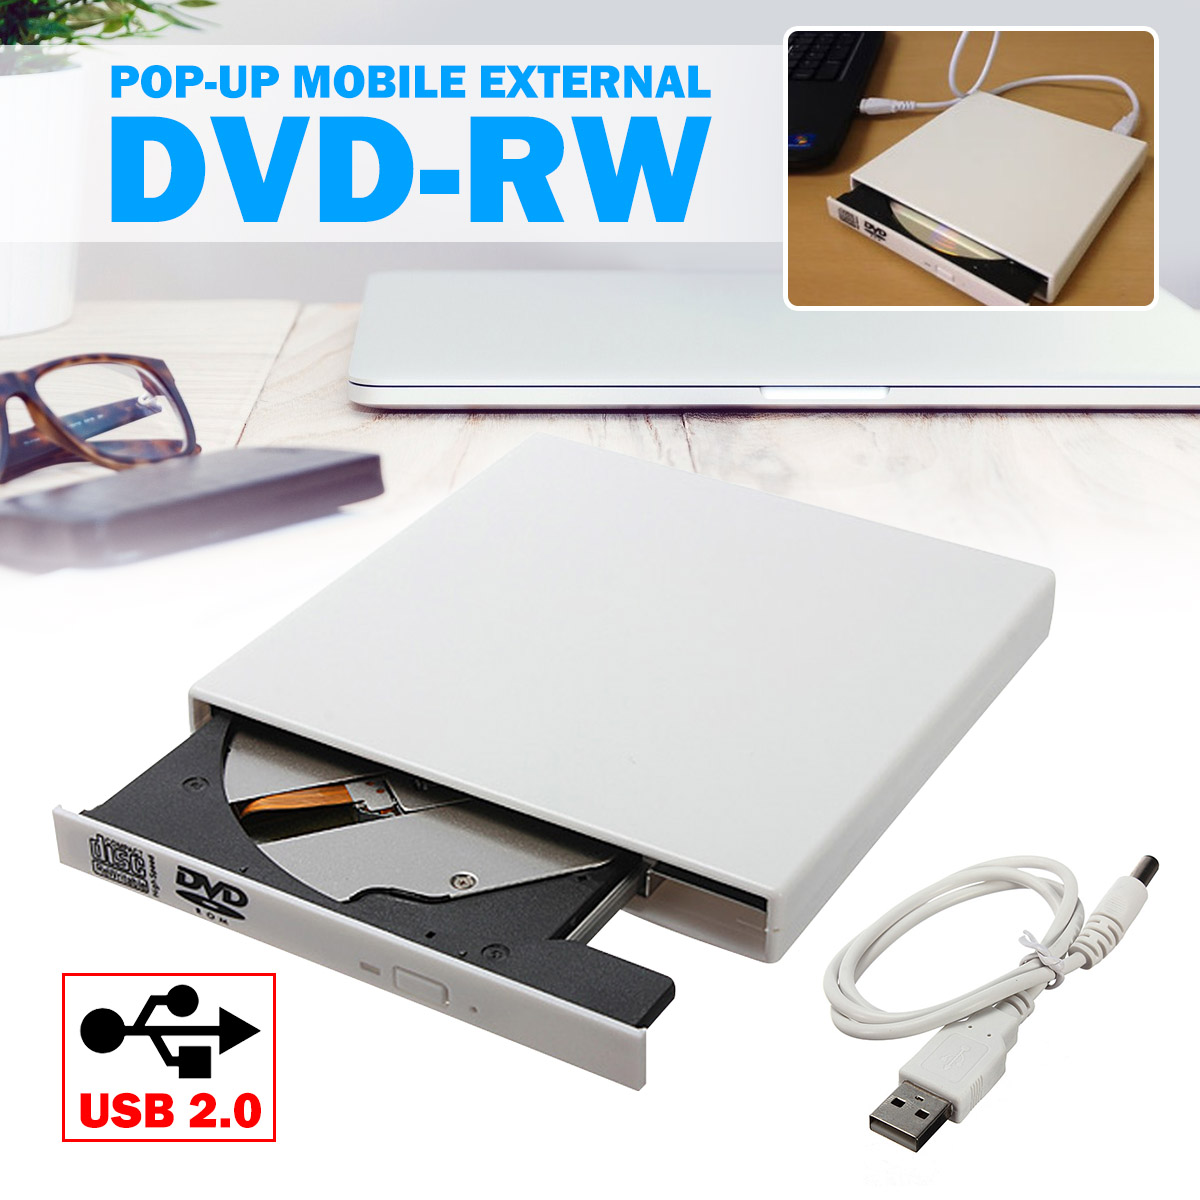 Alta qualidade usb 2.0 portátil ultra fino externo slot-em DVD-RW CD-RW cd dvd rom player drive writer gravador para pc